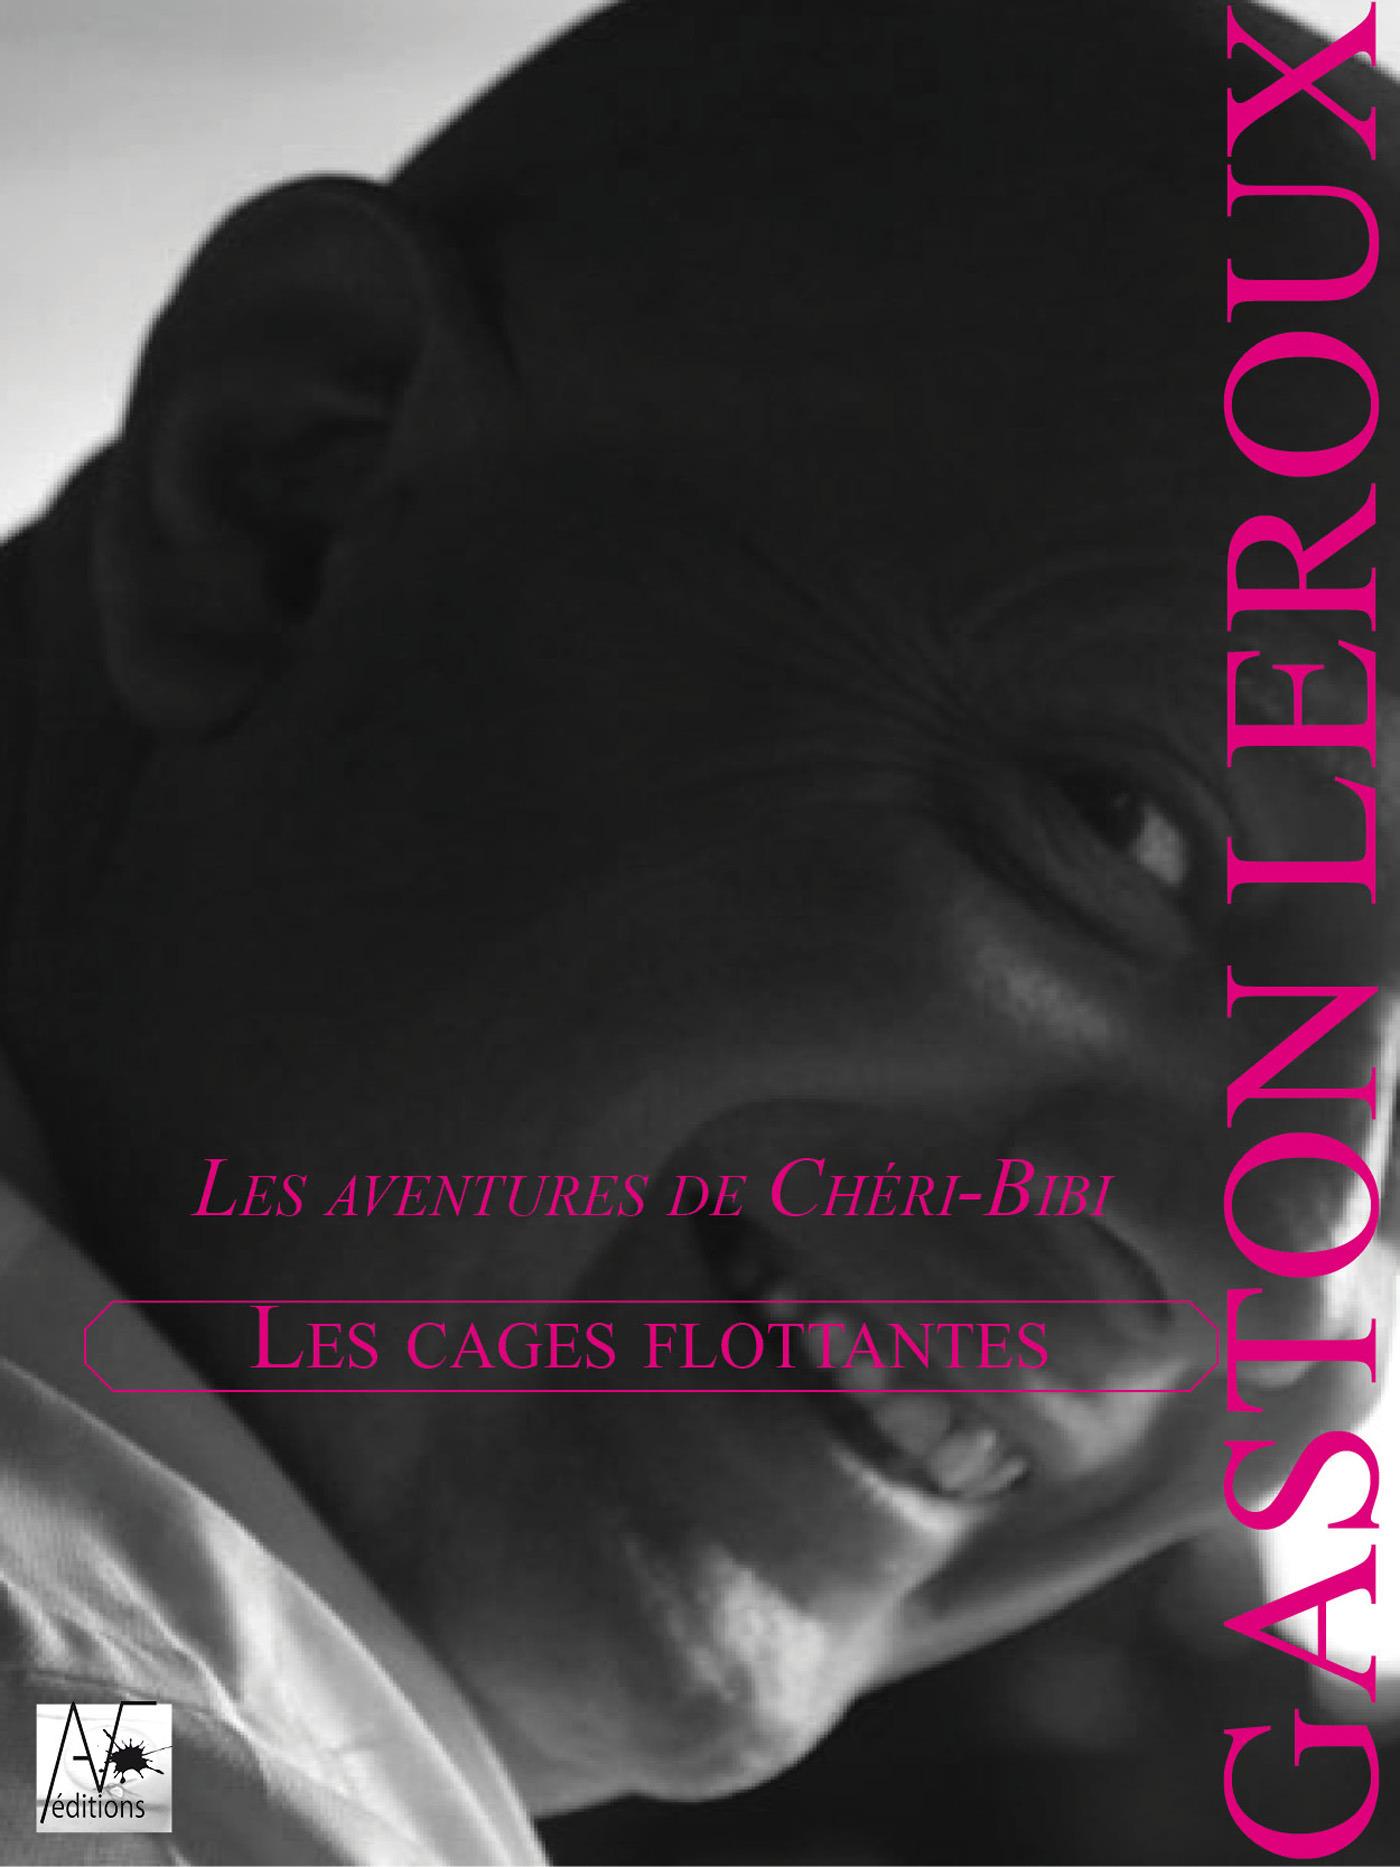 Les Cages flottantes  - Gaston Leroux